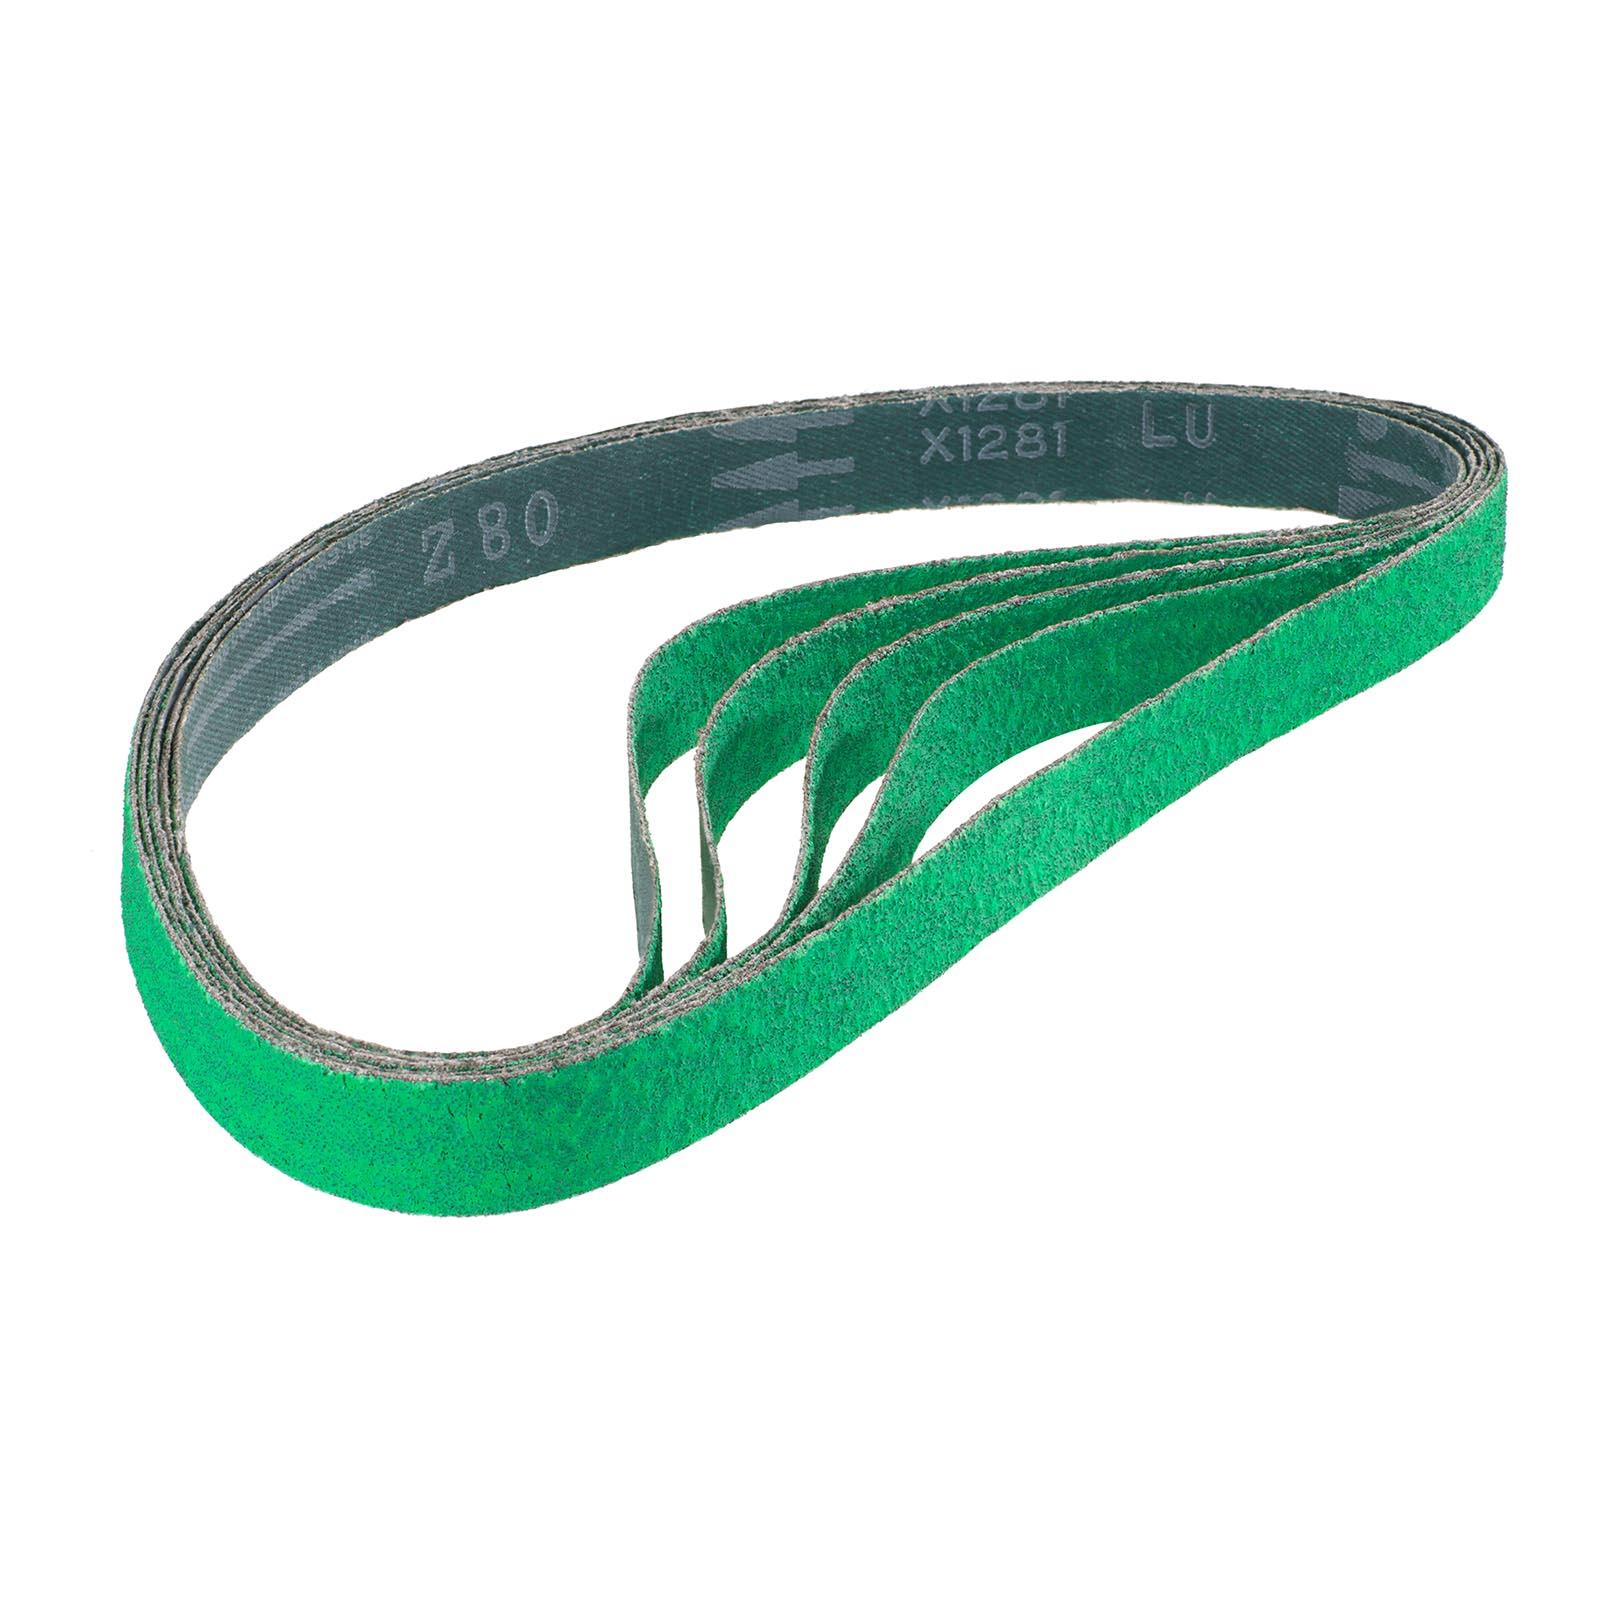 10 x Awuko Zirkonkorund Schleifbänder für MSW MSW-POL900L Rohrbandschleifer